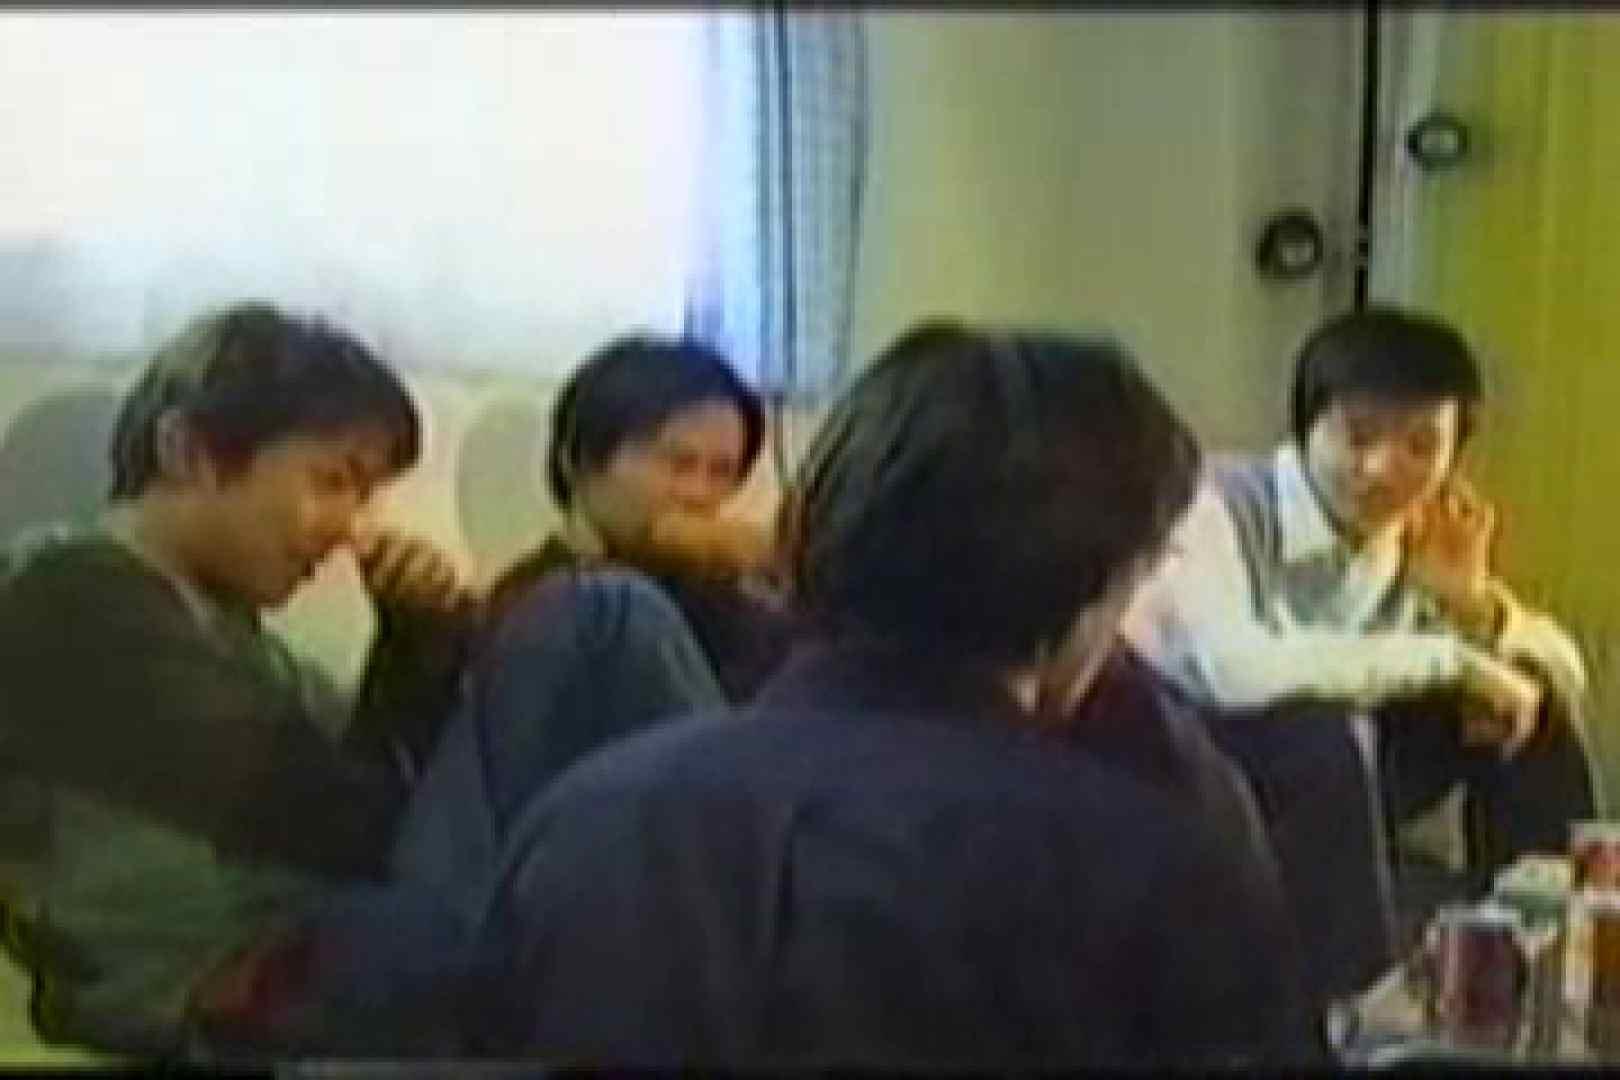 【流出】若者たちの集い 企画  85pic 33